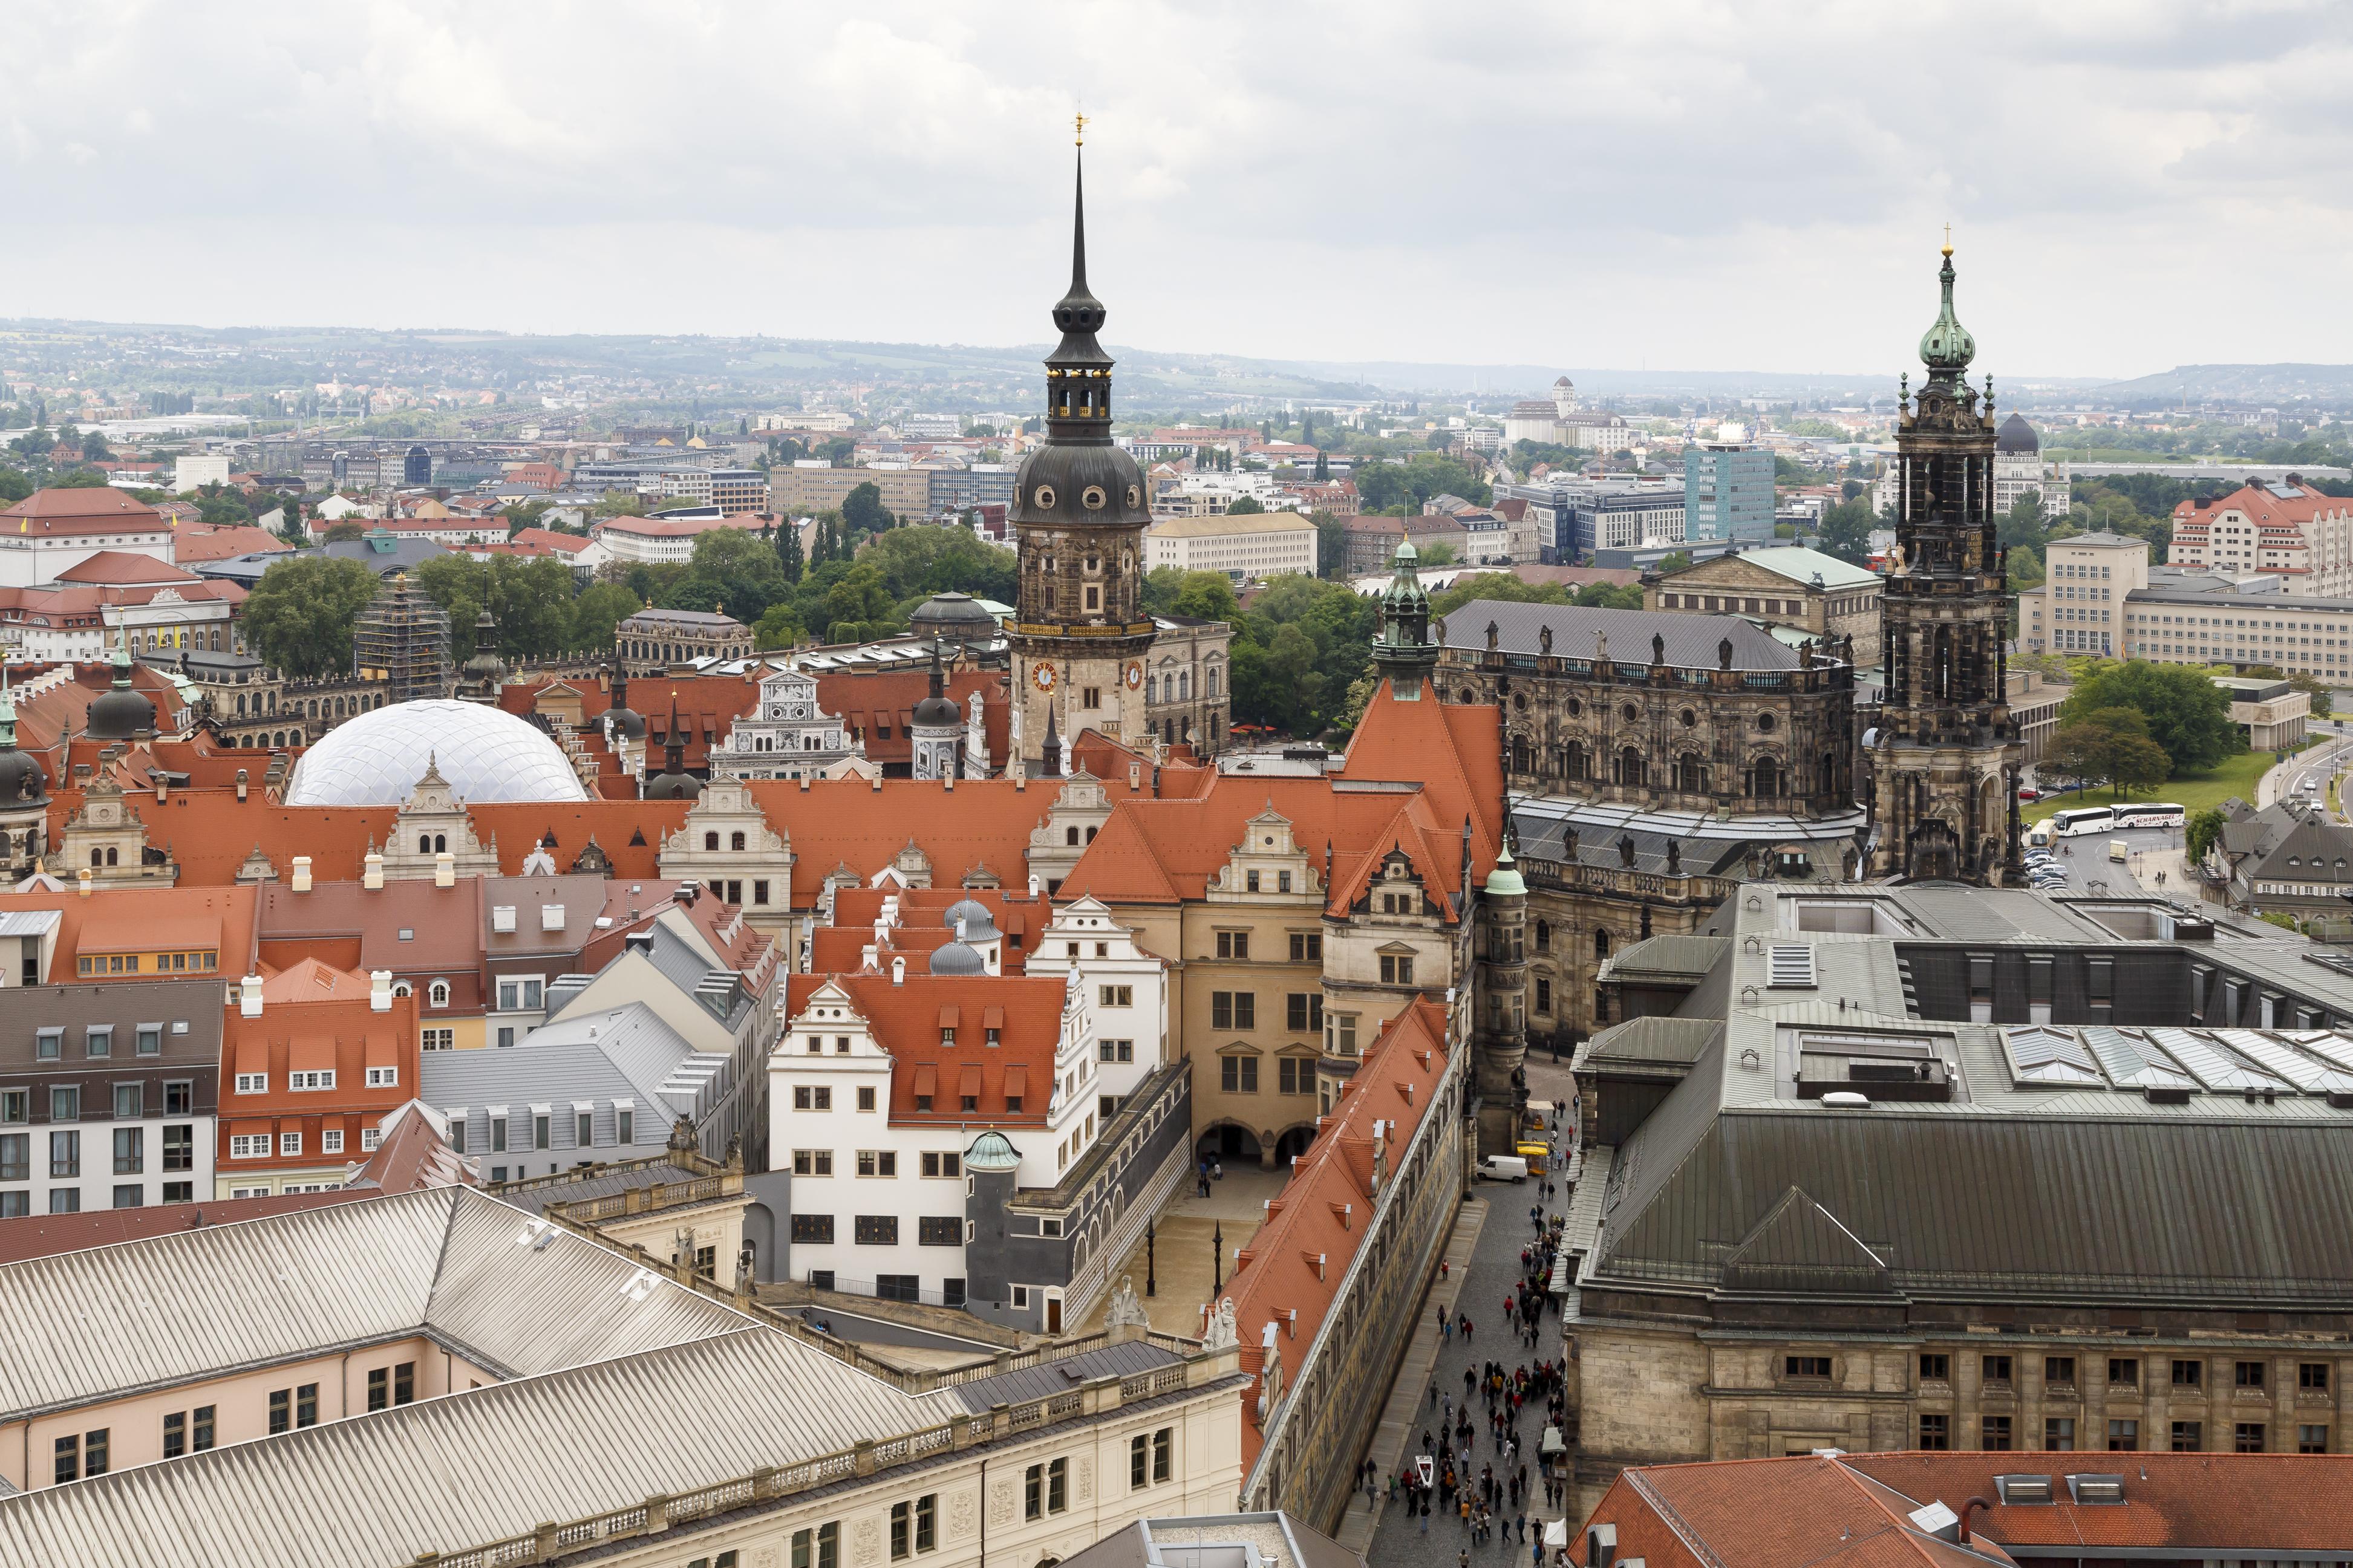 Különböző városok, városrészek, területek üvegnegatívjai.